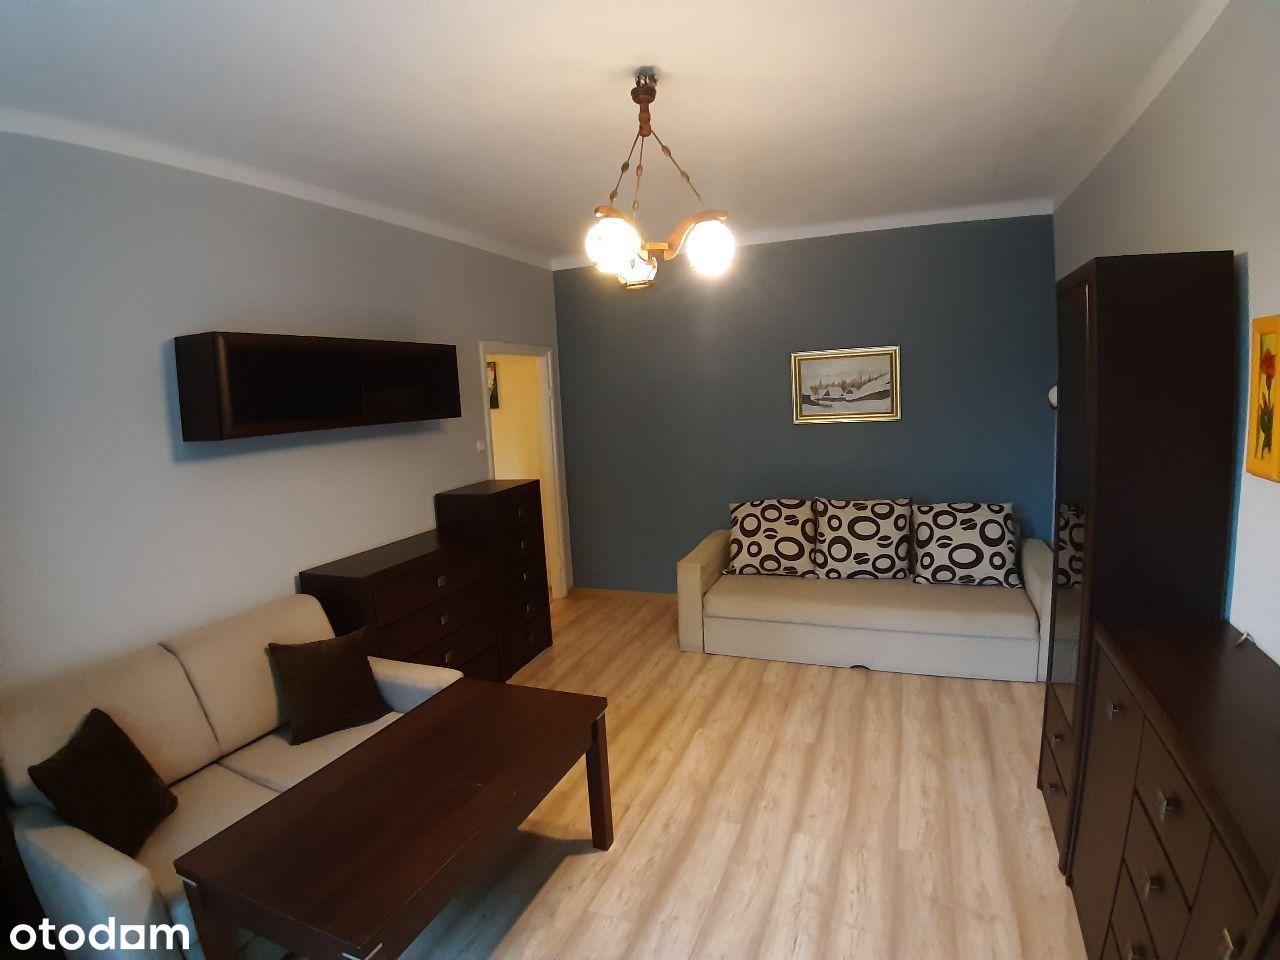 Mieszkanie 1-pokojowe, Staffa (dobra lokalizacja)